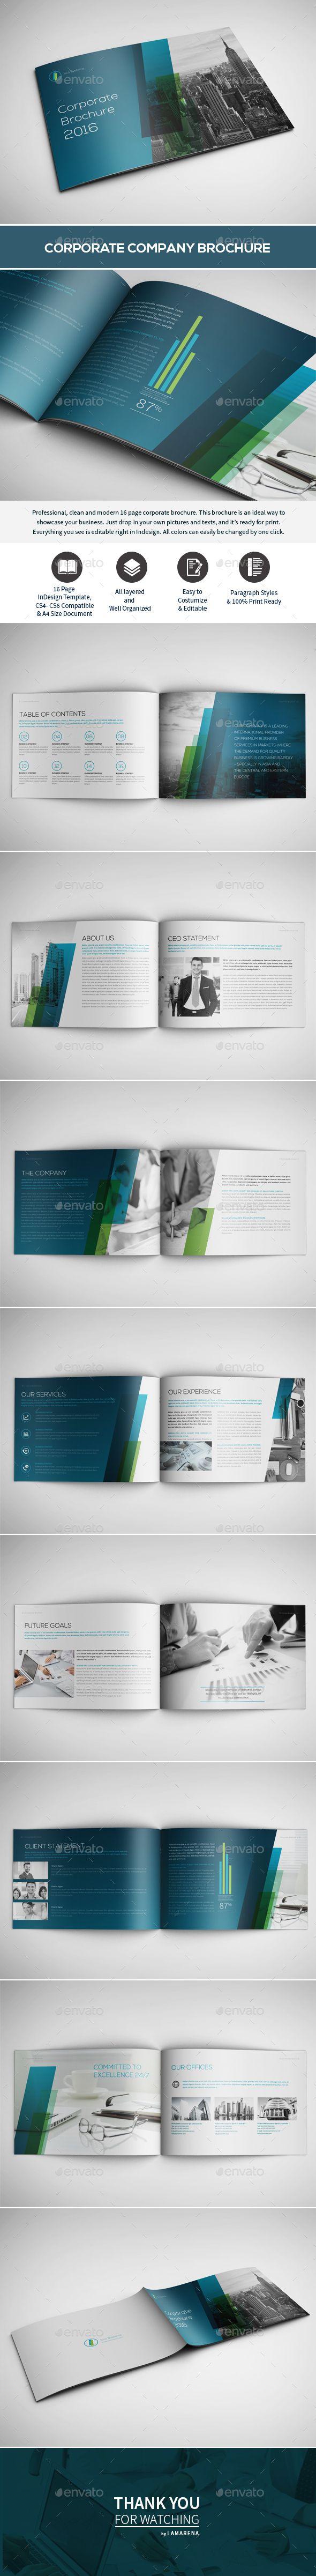 Corporate Brochure | Composición, Elementos y Plantas